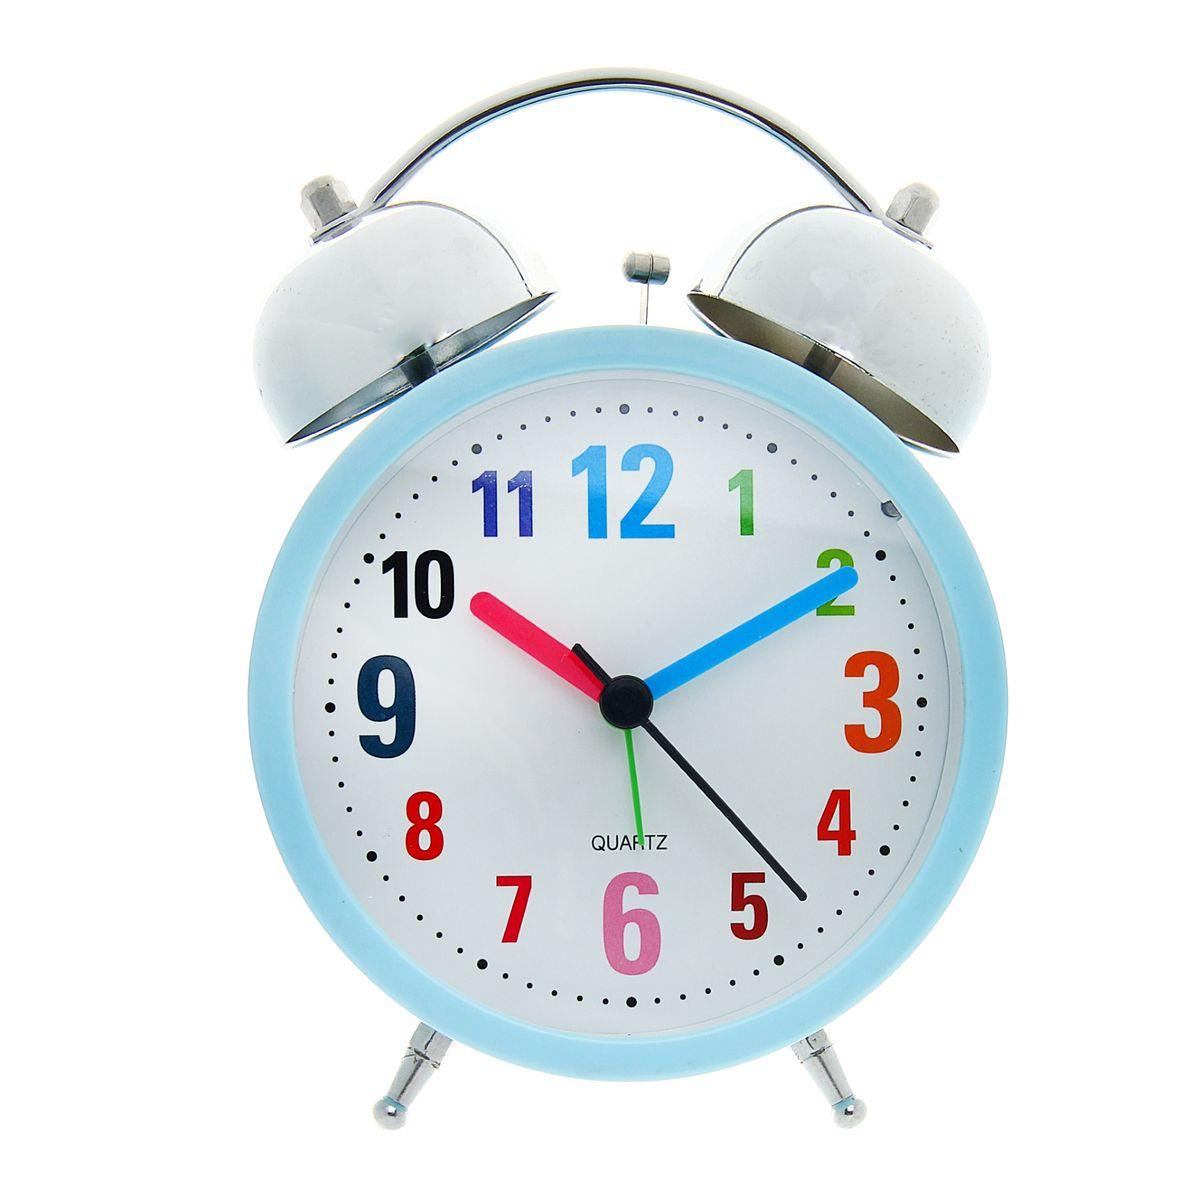 Часы-будильник Sima-land Цифры1056425Как же сложно иногда вставать вовремя! Всегда так хочется поспать еще хотя бы 5 минут и бывает, что мы просыпаем. Теперь этого не случится! Яркий, оригинальный будильник Sima-land Цифры поможет вам всегда вставать в нужное время и успевать везде и всюду.Корпус будильника выполнен из металла. Циферблат имеет индикацию разноцветными арабскими цифрами. Часы снабжены 4 стрелками (секундная, минутная, часовая и для будильника). На задней панели будильника расположен переключатель включения/выключения механизма, а также два колесика для настройки текущего времени и времени звонка будильника. Также будильник оснащен кнопкой, при нажатии и удержании которой подсвечивается циферблат.Пользоваться будильником очень легко: нужно всего лишь поставить батарейки, настроить точное время и установить время звонка. Необходимо докупить 2 батарейки типа АА (не входят в комплект).